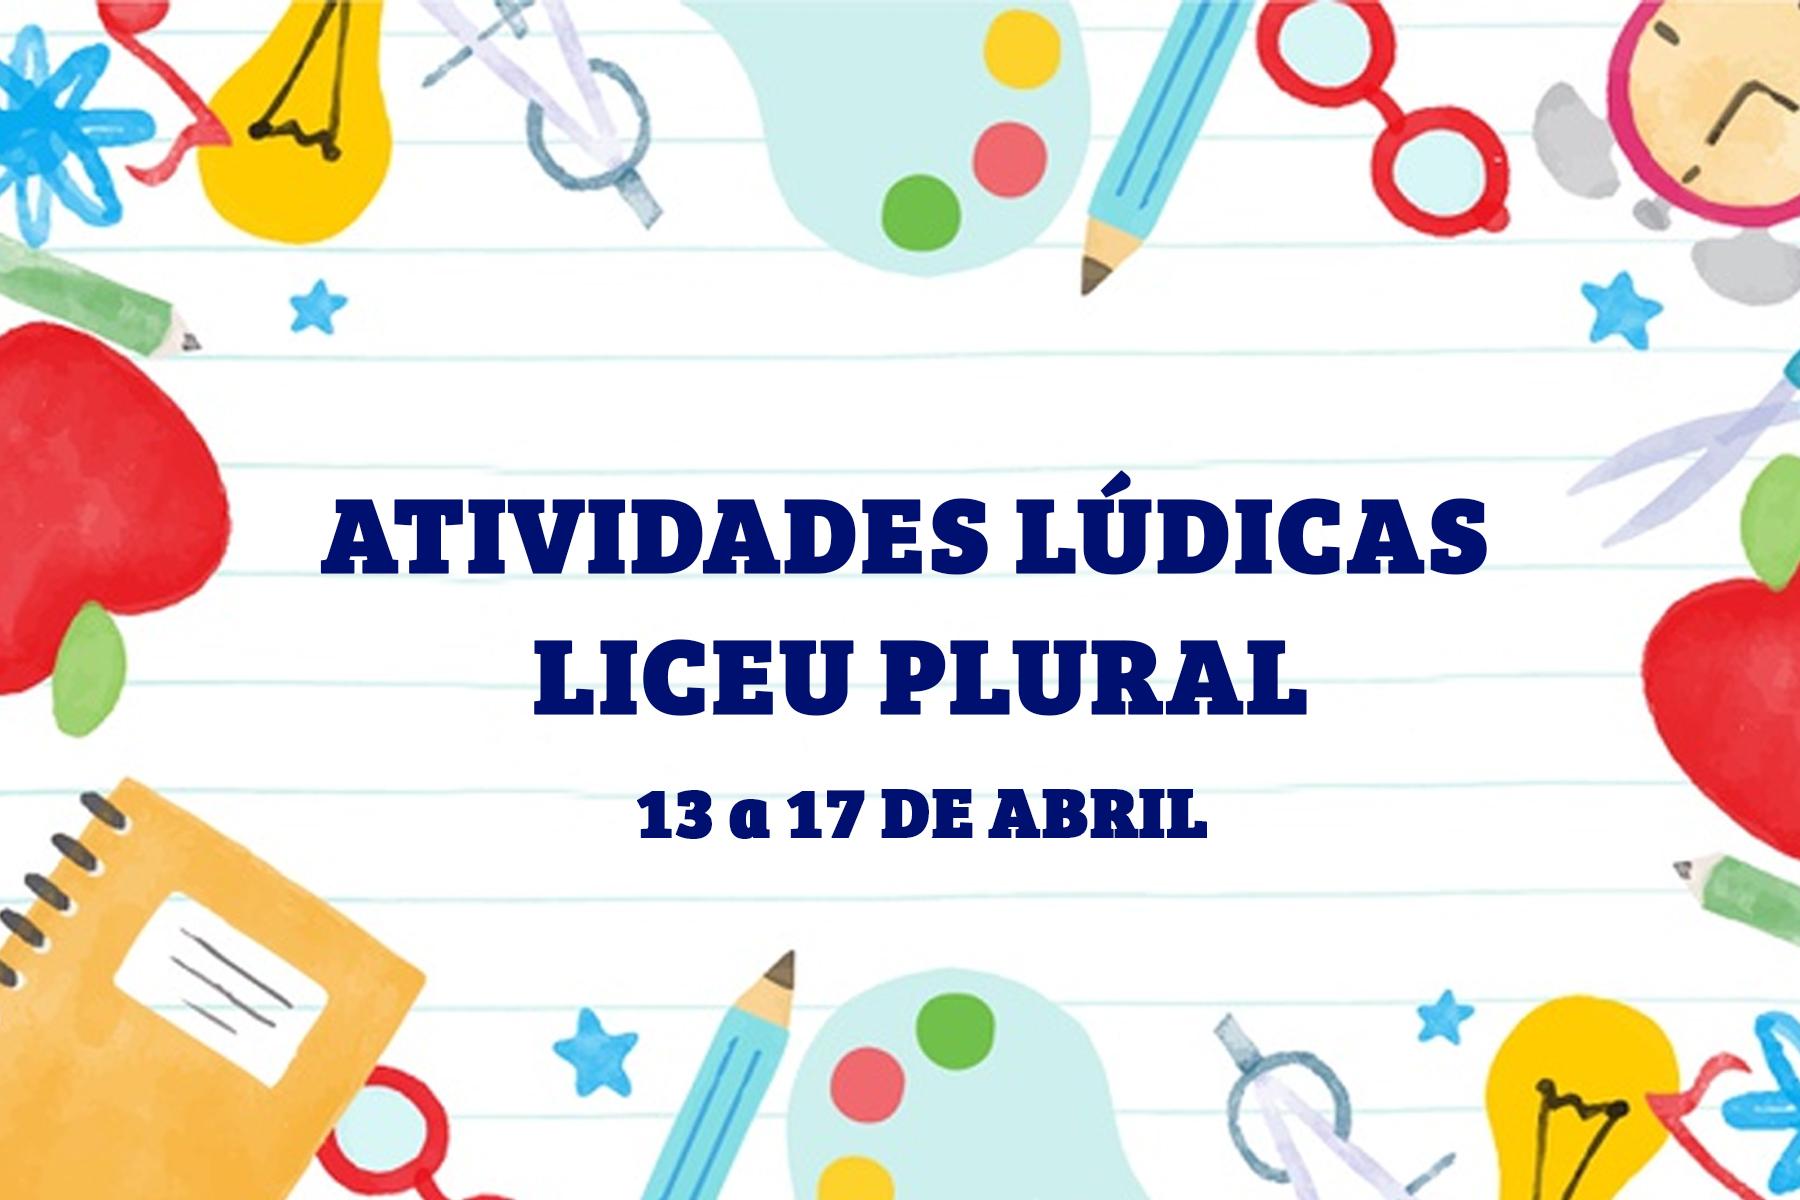 ATIVIDADES LÚDICAS – LICEU PLURAL | 13 a 17 de abril